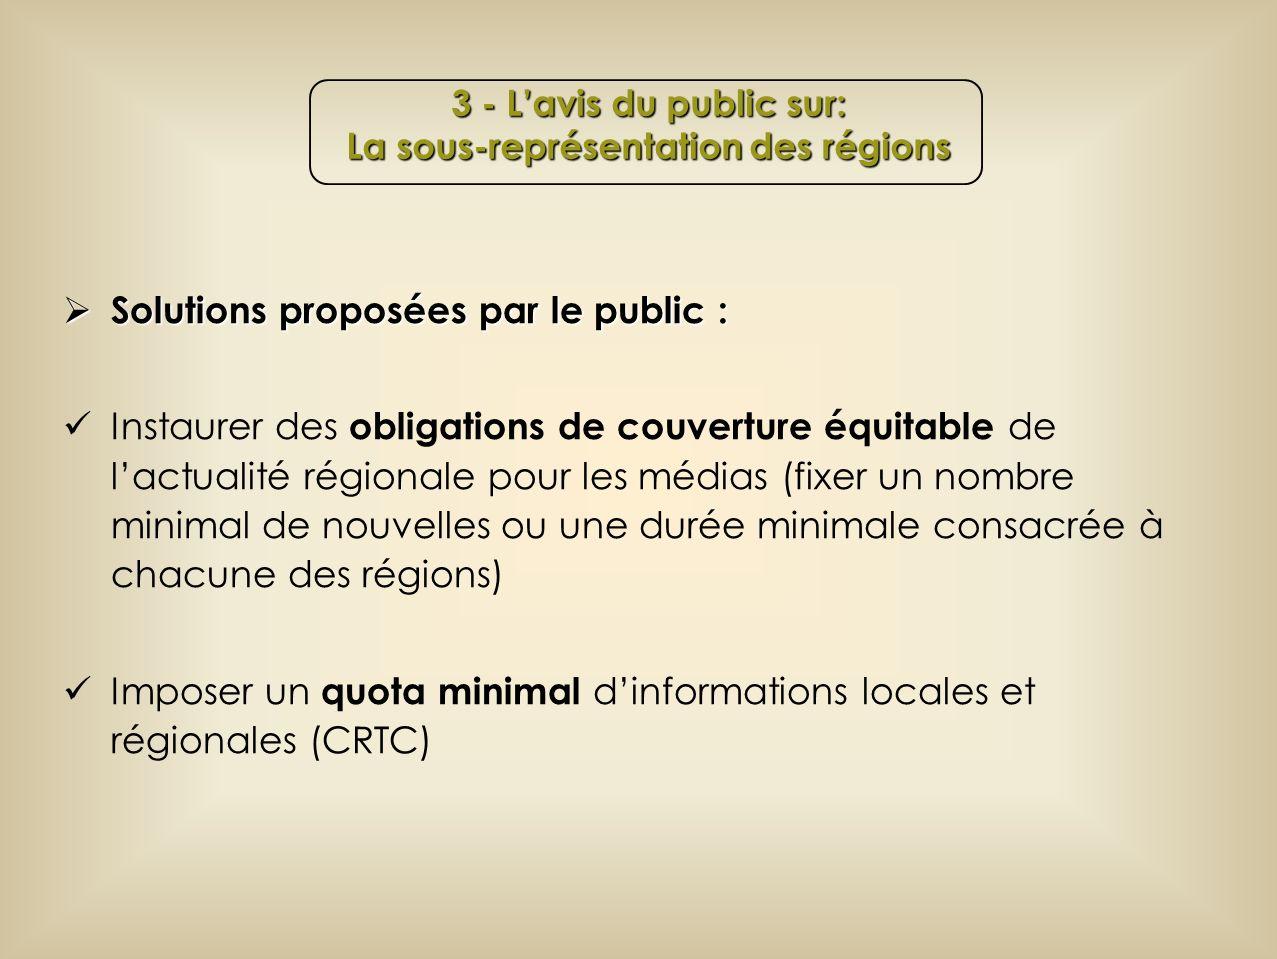 Solutions proposées par le public : Solutions proposées par le public : Instaurer des obligations de couverture équitable de lactualité régionale pour